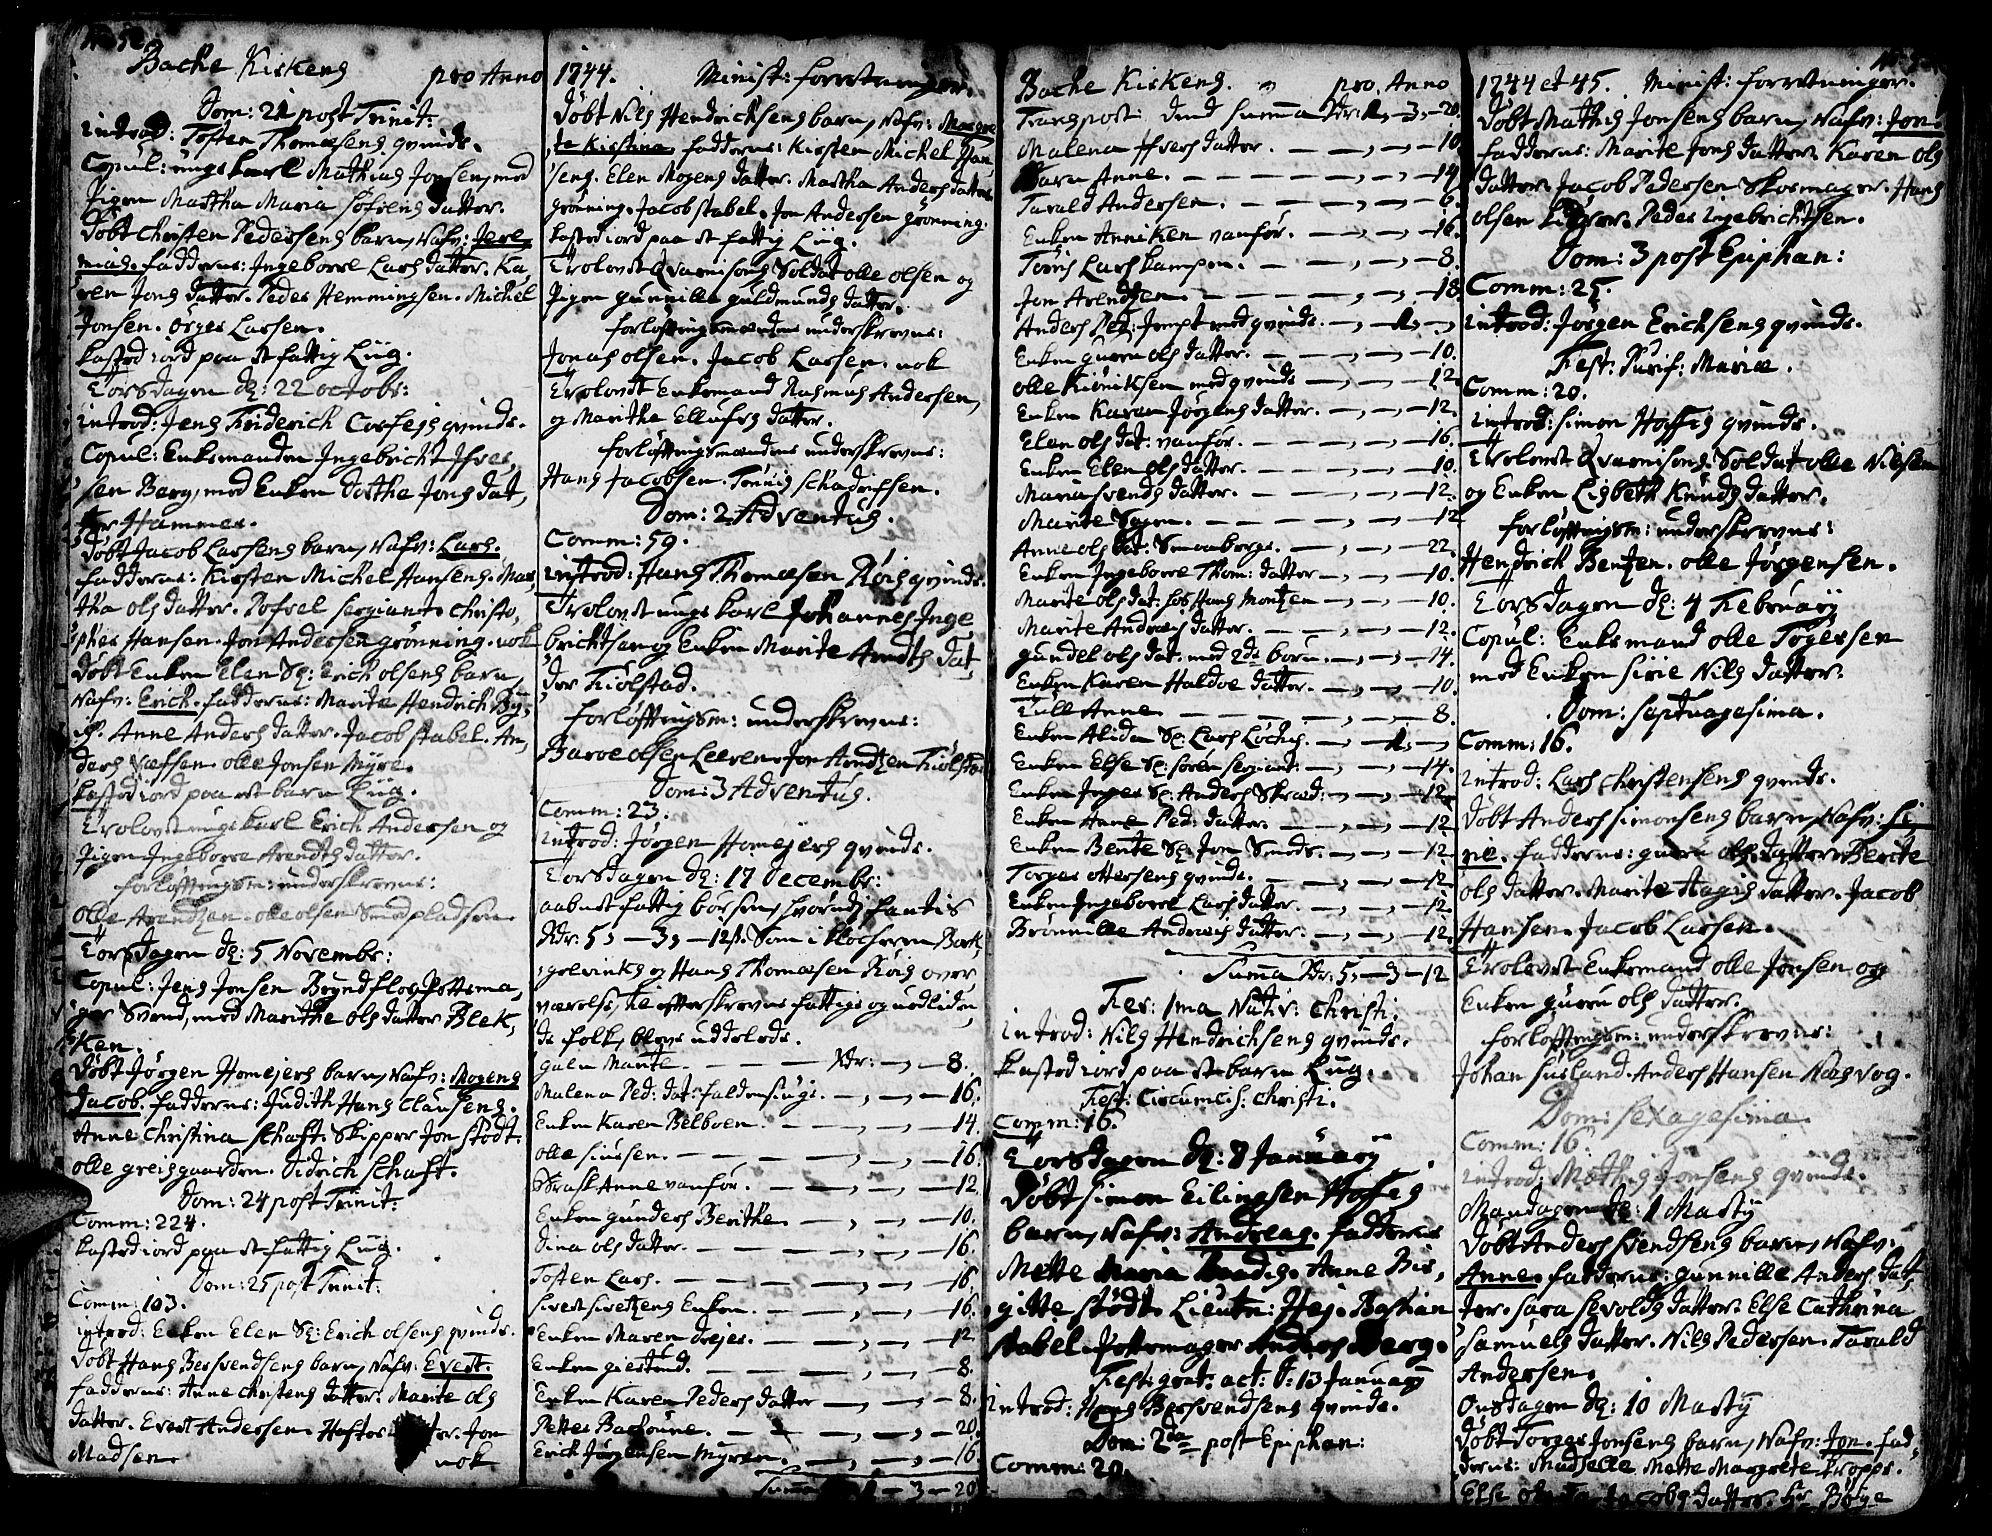 SAT, Ministerialprotokoller, klokkerbøker og fødselsregistre - Sør-Trøndelag, 606/L0276: Ministerialbok nr. 606A01 /2, 1727-1779, s. 52-53